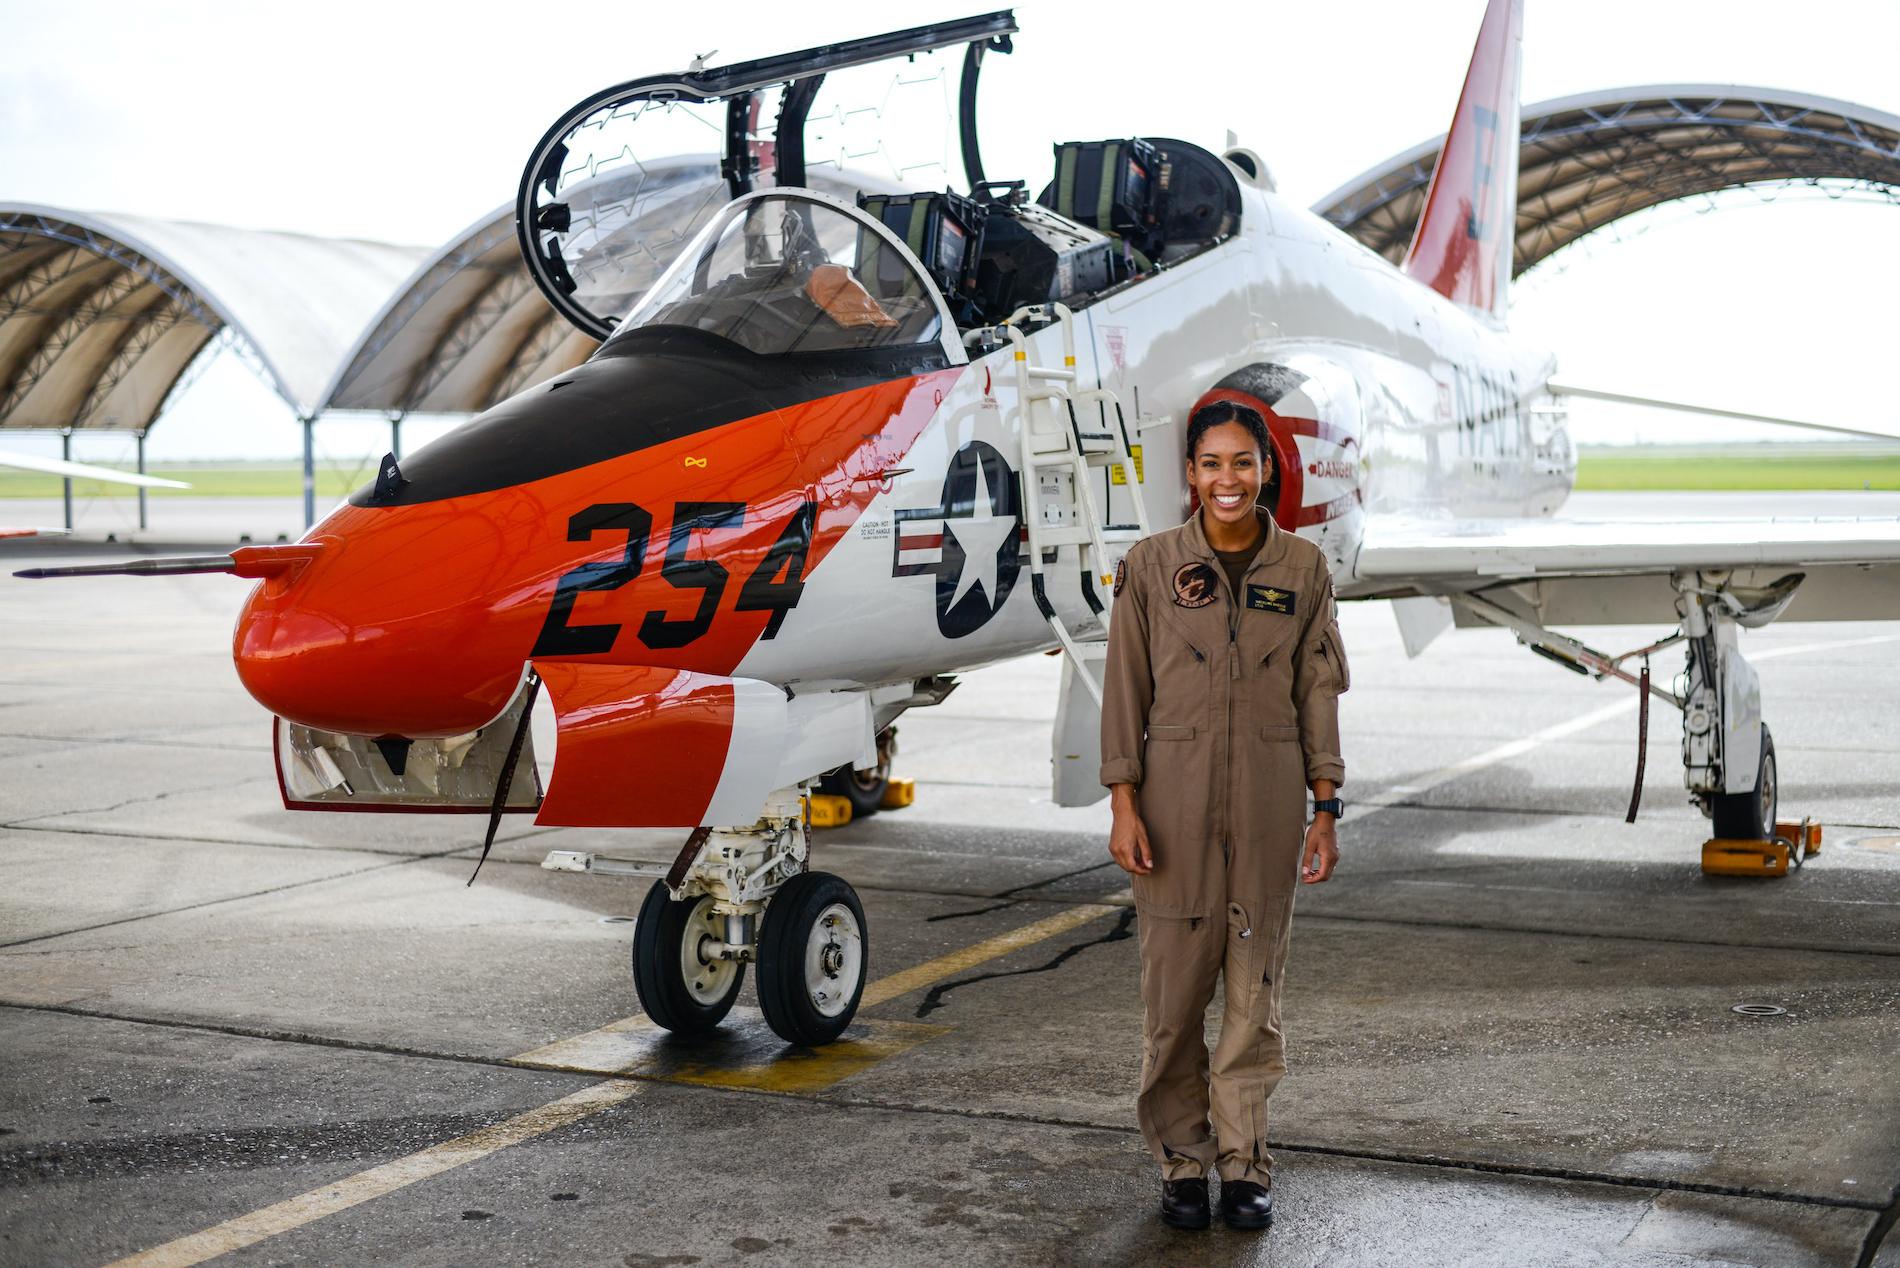 Estudante de aviação naval, tenente J.G. Madeline Swegle, designada para o Esquadrão de Treinamento 21 da Redhawks em Kingsville, Texas Naval Air Station, ao lado de uma aeronave de treinamento Goshawk T-45C (Tenente Luke Redito / Marinha dos Estados Unidos)